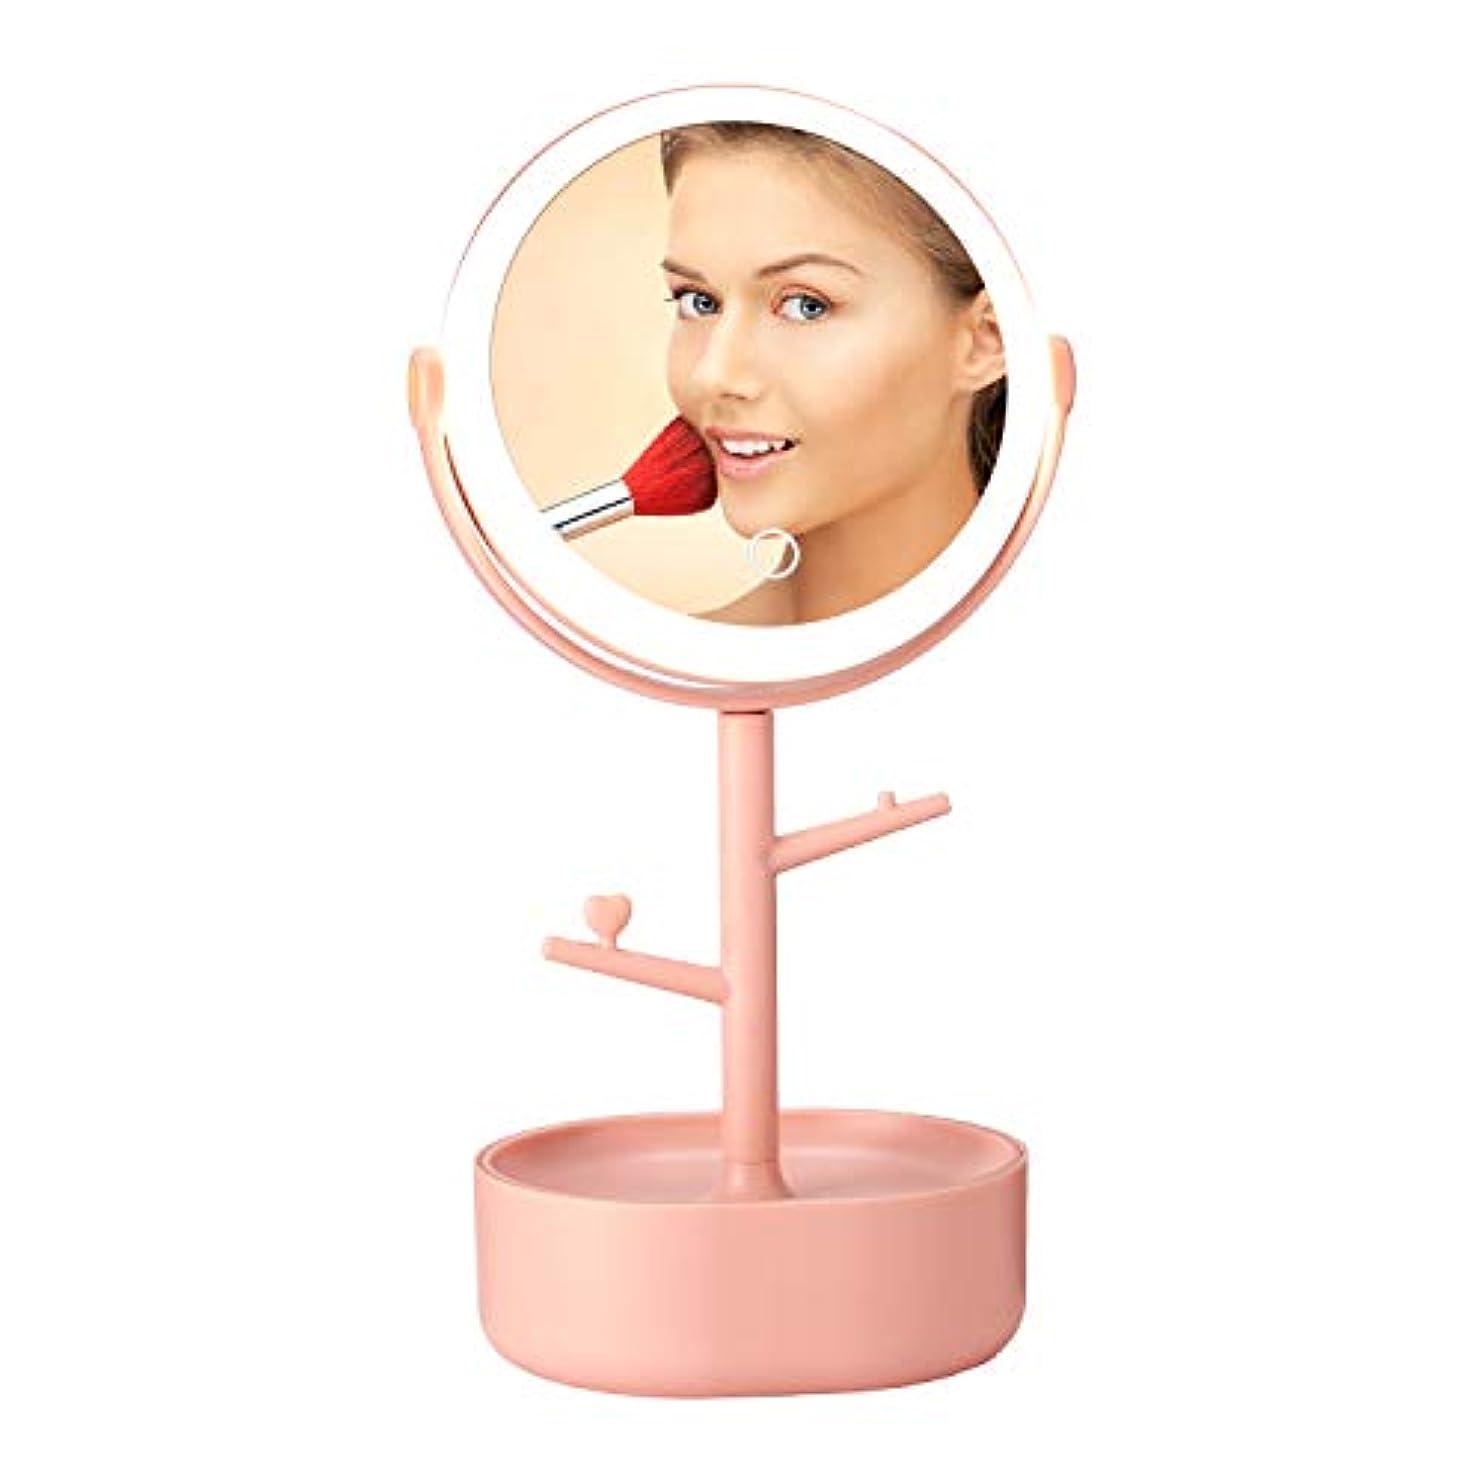 敬競うけん引LED化粧鏡 卓上ミラー 鏡 卓上鏡 収納ボックス付き 360度回転 充電式 サードギア明るさ調節可 USB給電 (ピンク)